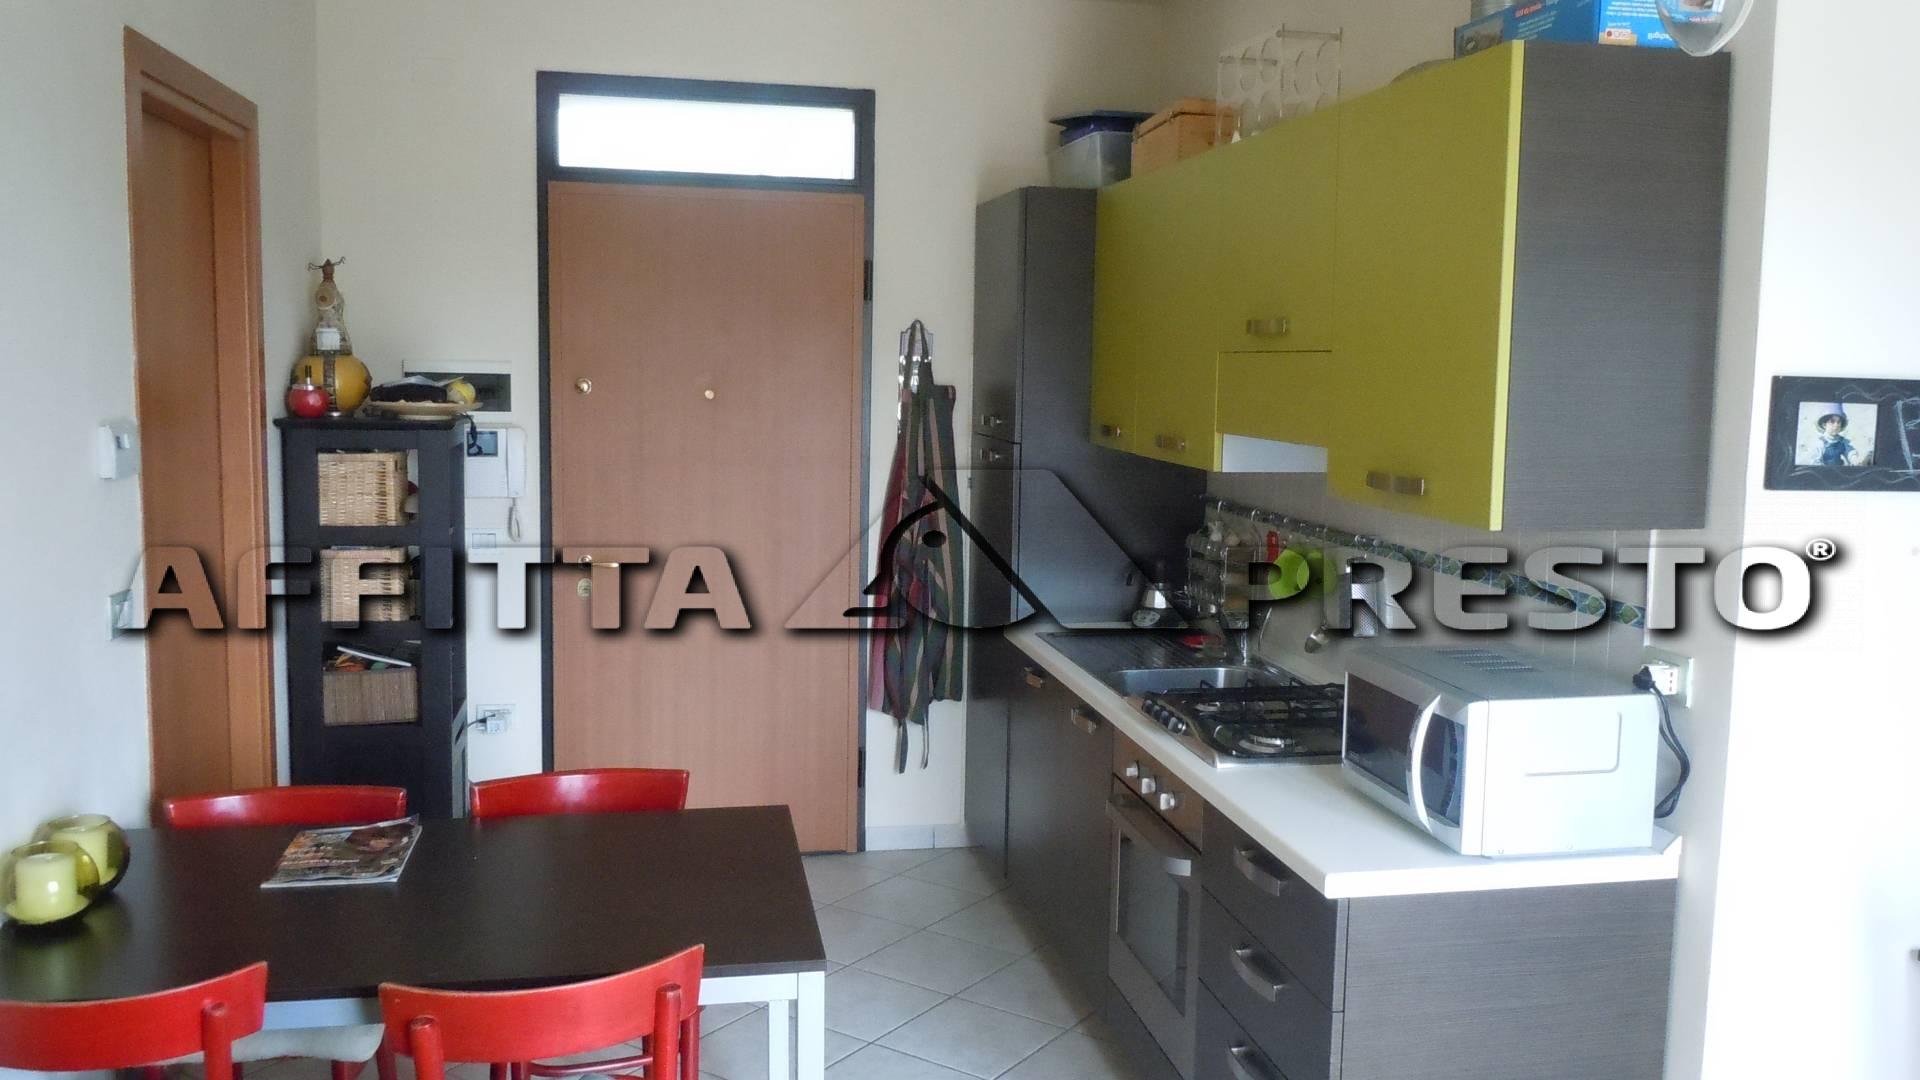 Appartamento in affitto a Cesena, 2 locali, zona Località: Stadio, prezzo € 555 | CambioCasa.it